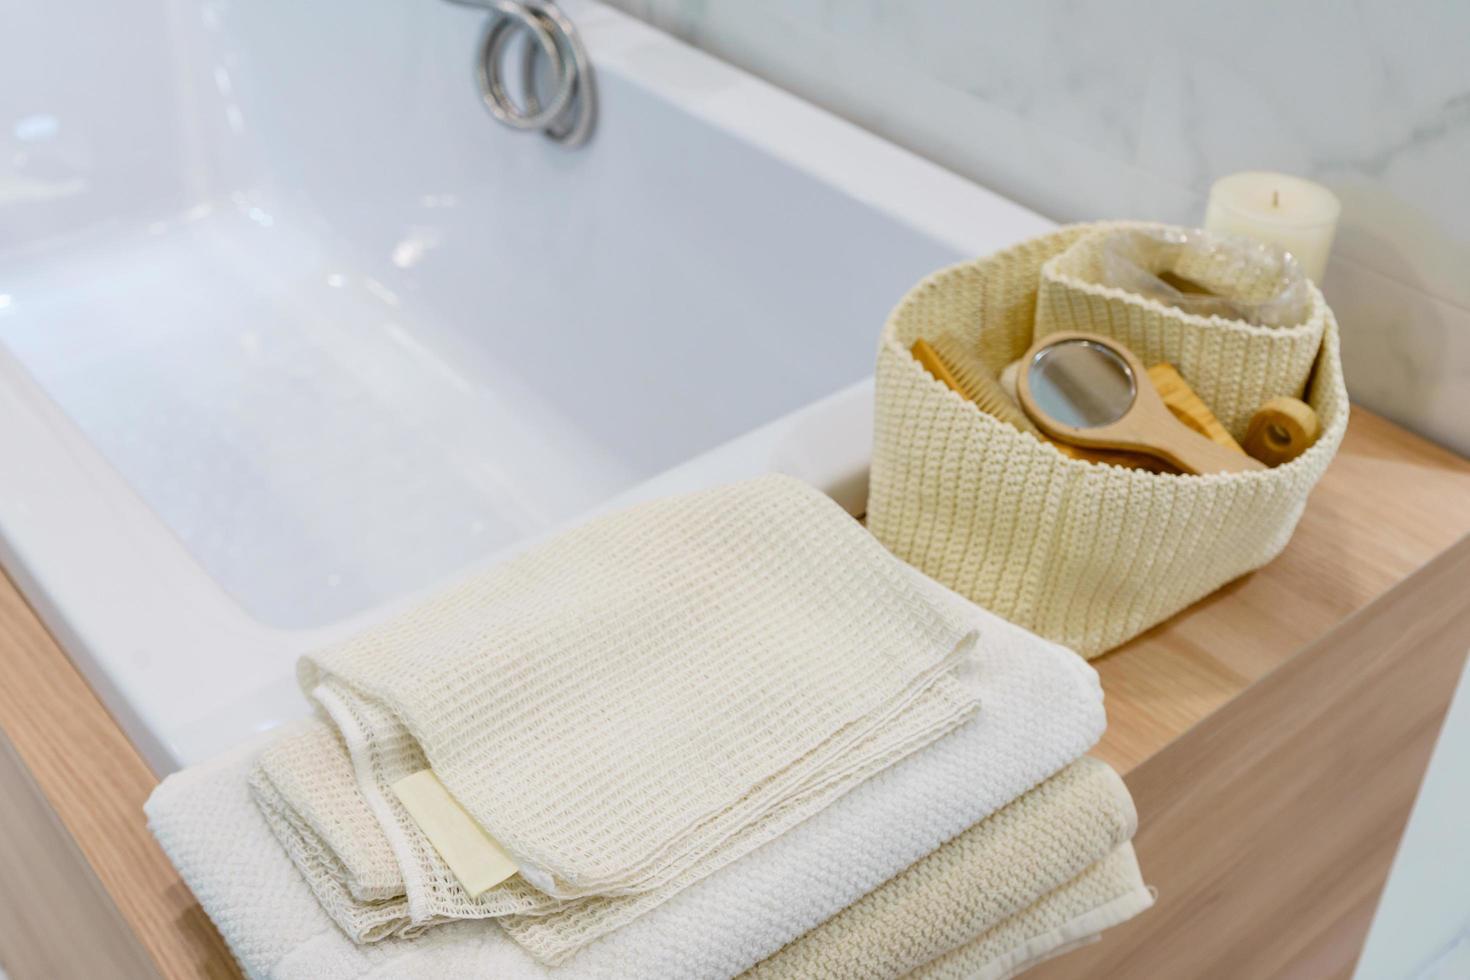 savon en céramique, bouteilles de shampoing et serviettes en coton blanc photo